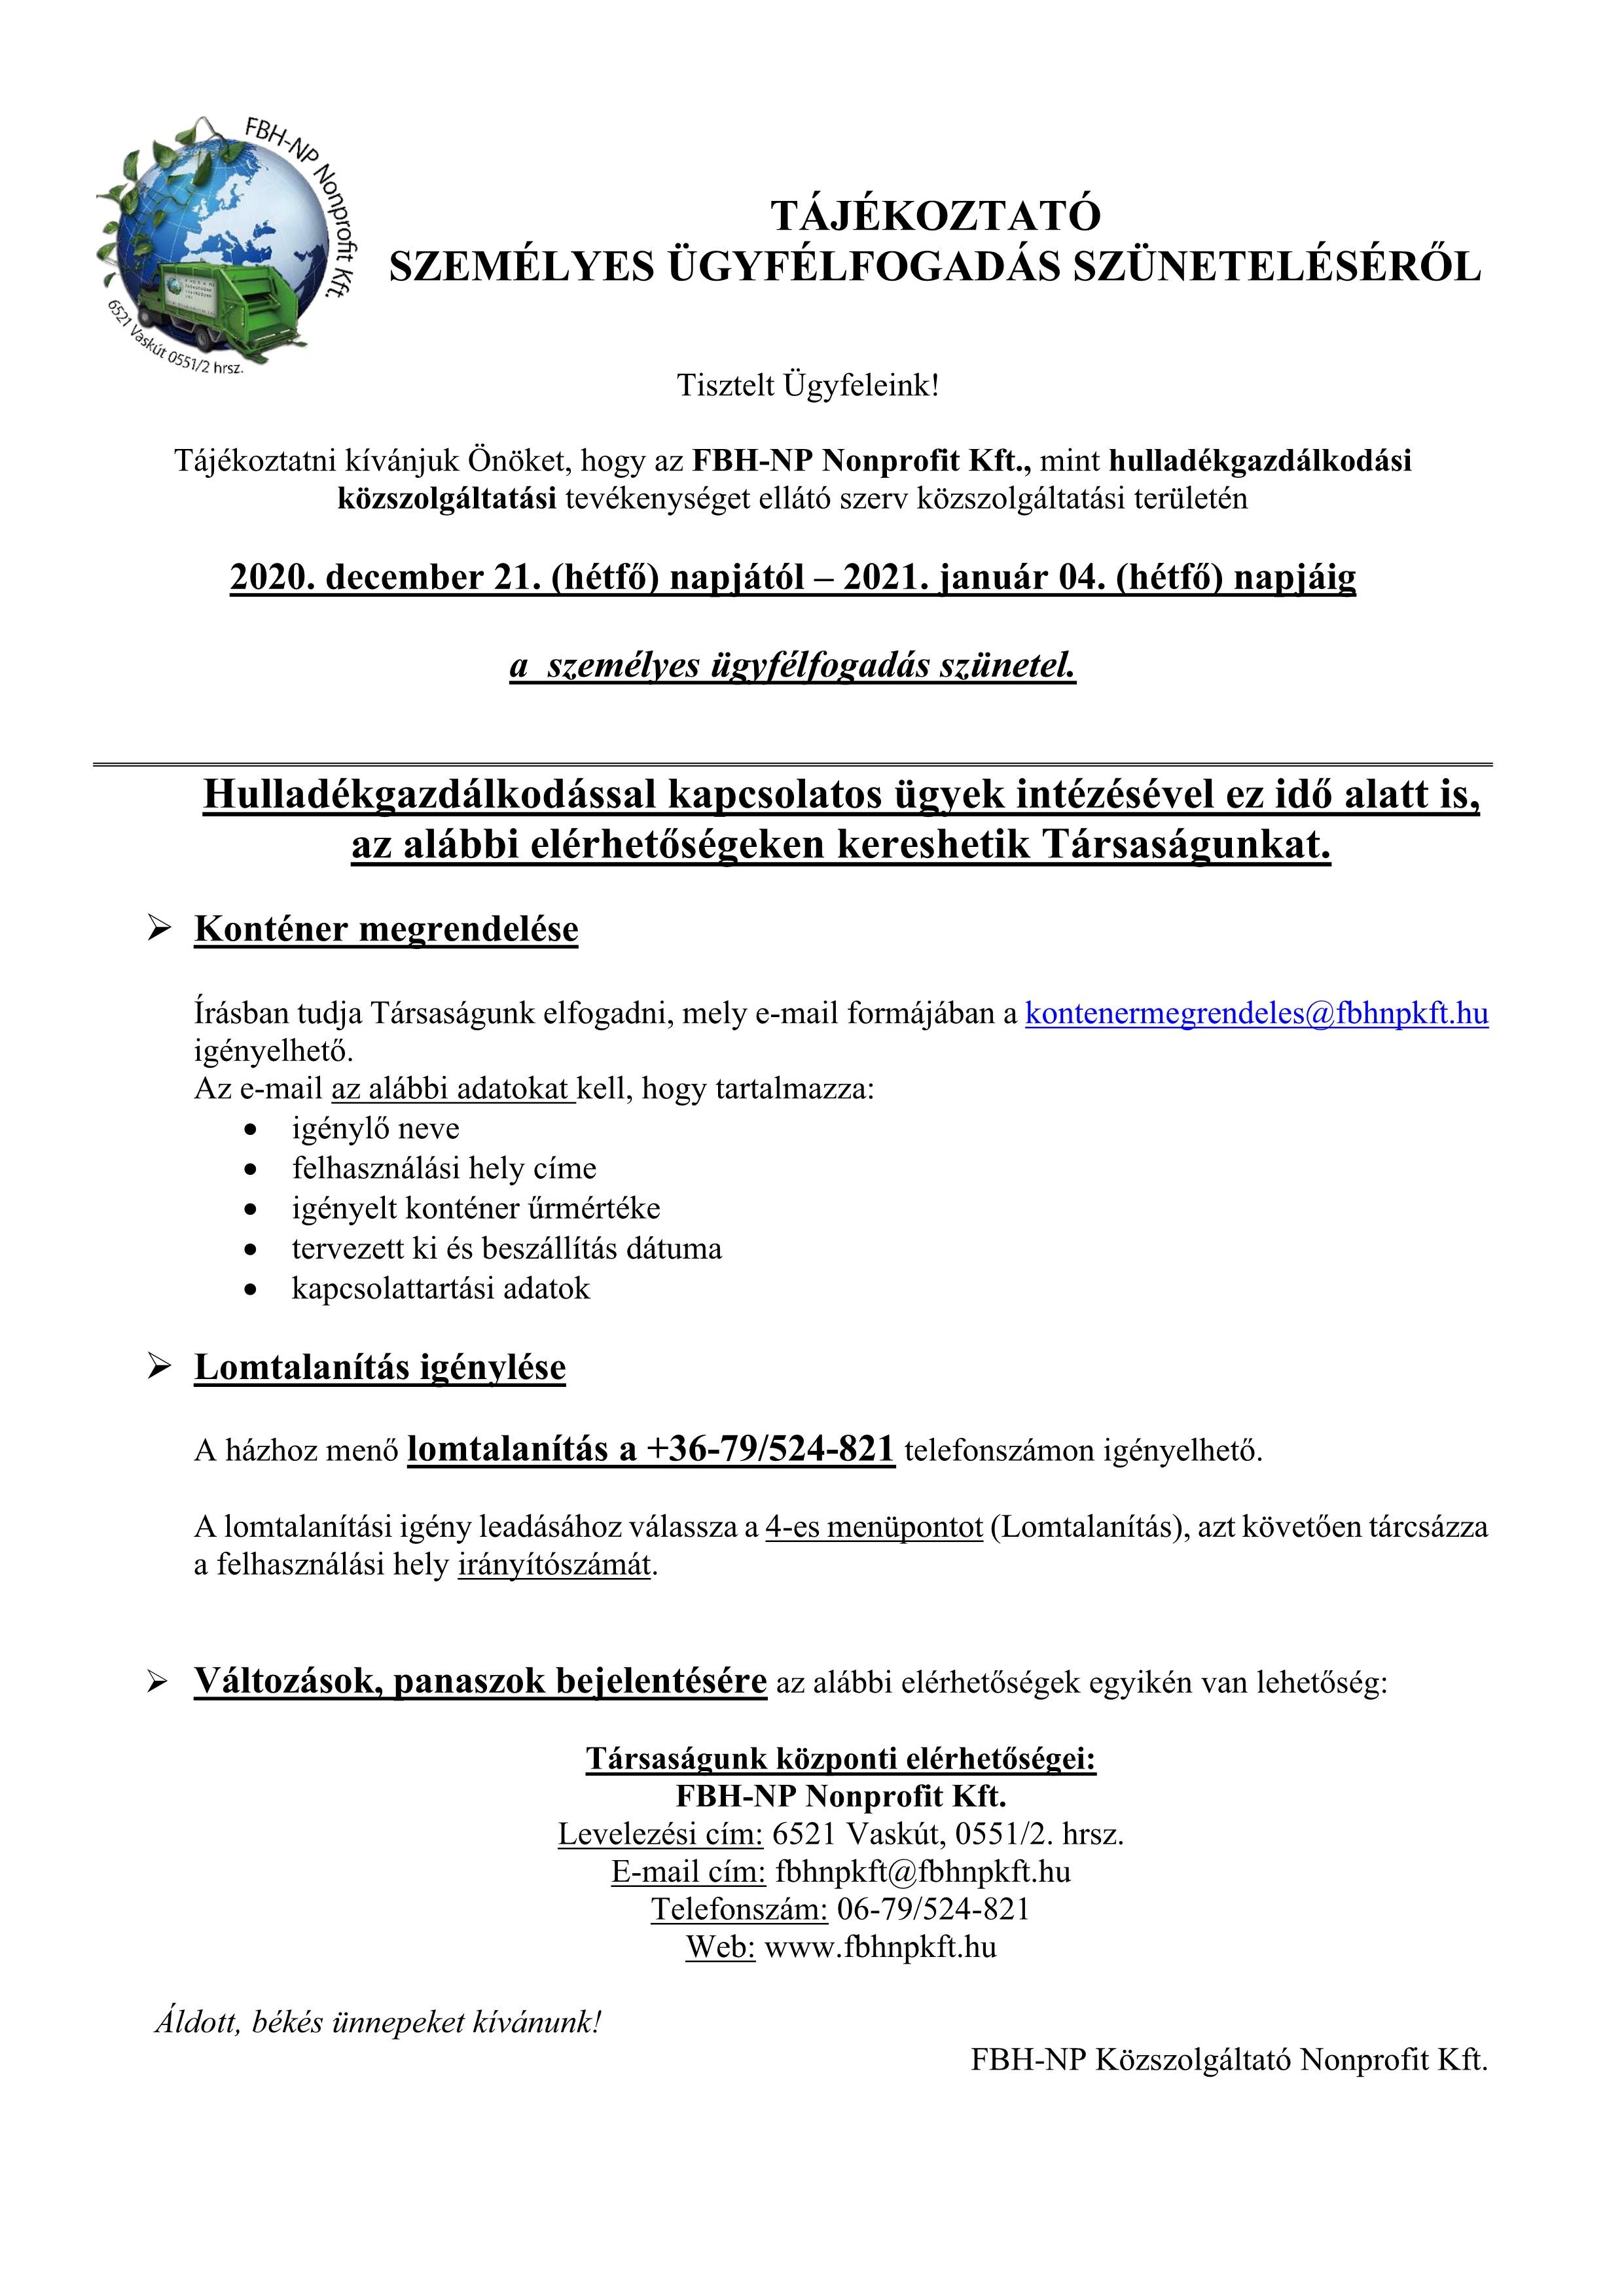 Ügyfélszolgálati szünet 2020.12.21-től_1-1